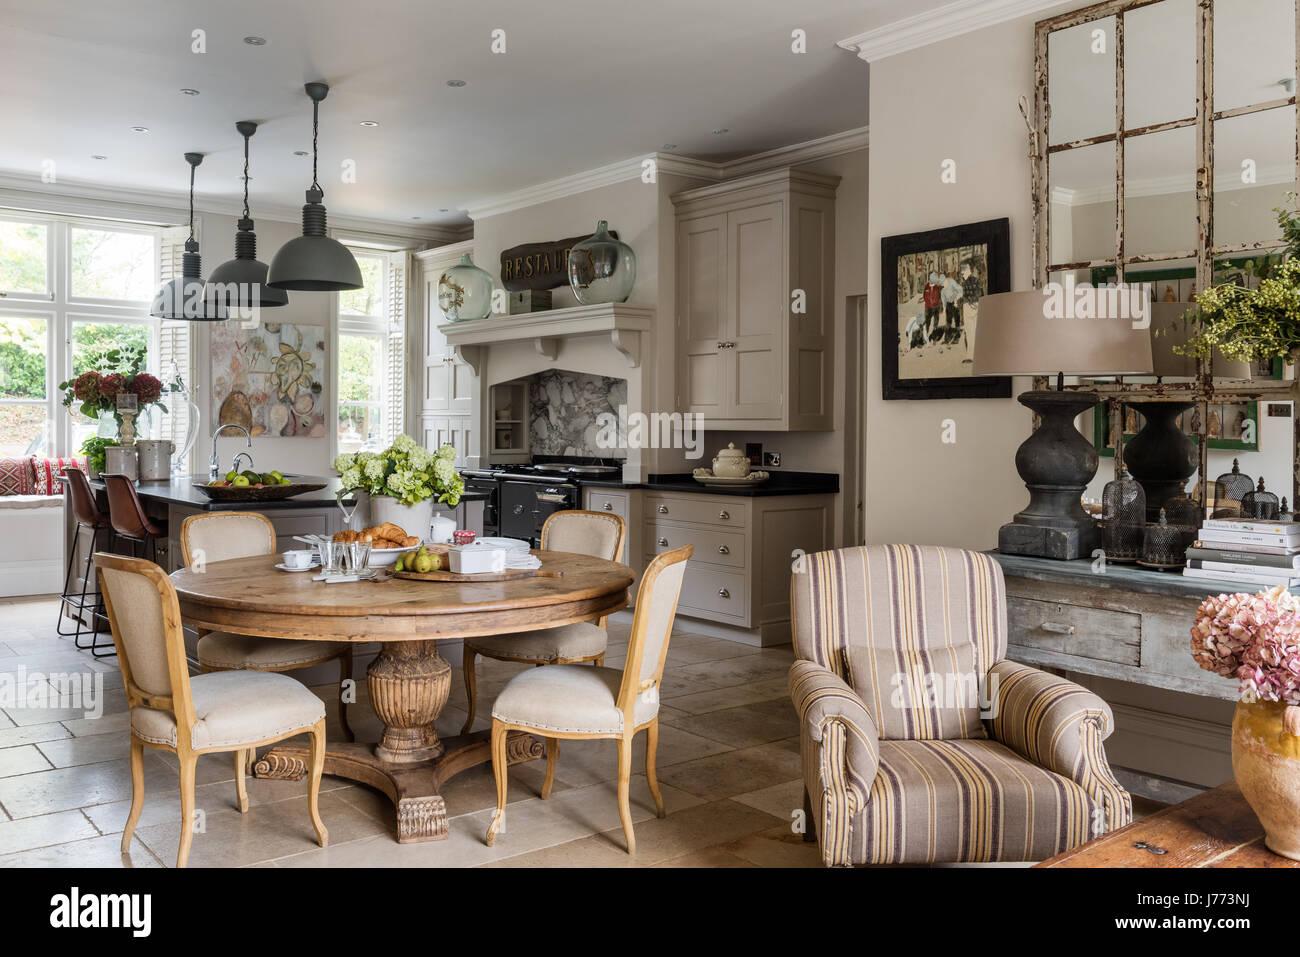 Spaziosa cucina con pavimento di pietra calcarea e piastrelle